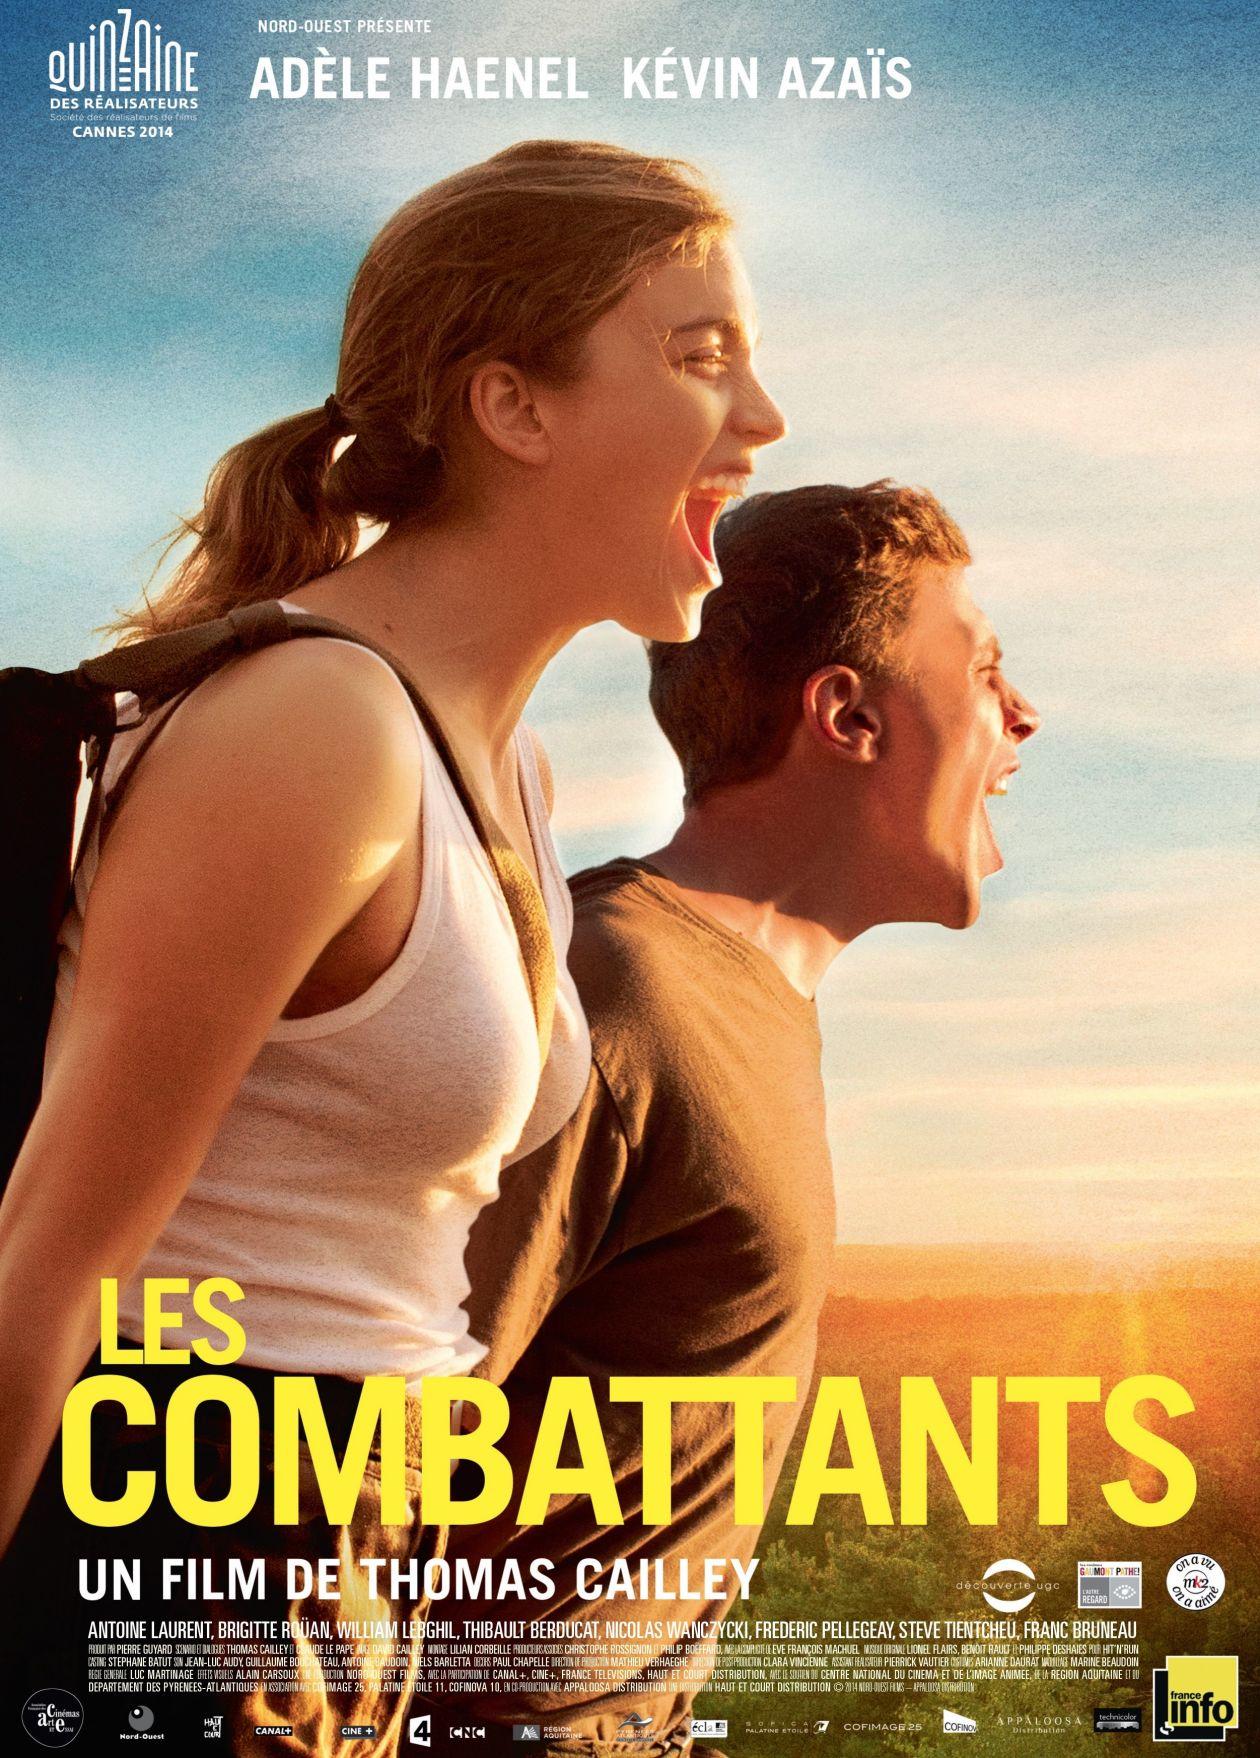 Adèle Haenel : Les Combattants - Thomas Cailley 2014 Movie Poster / Affiche film